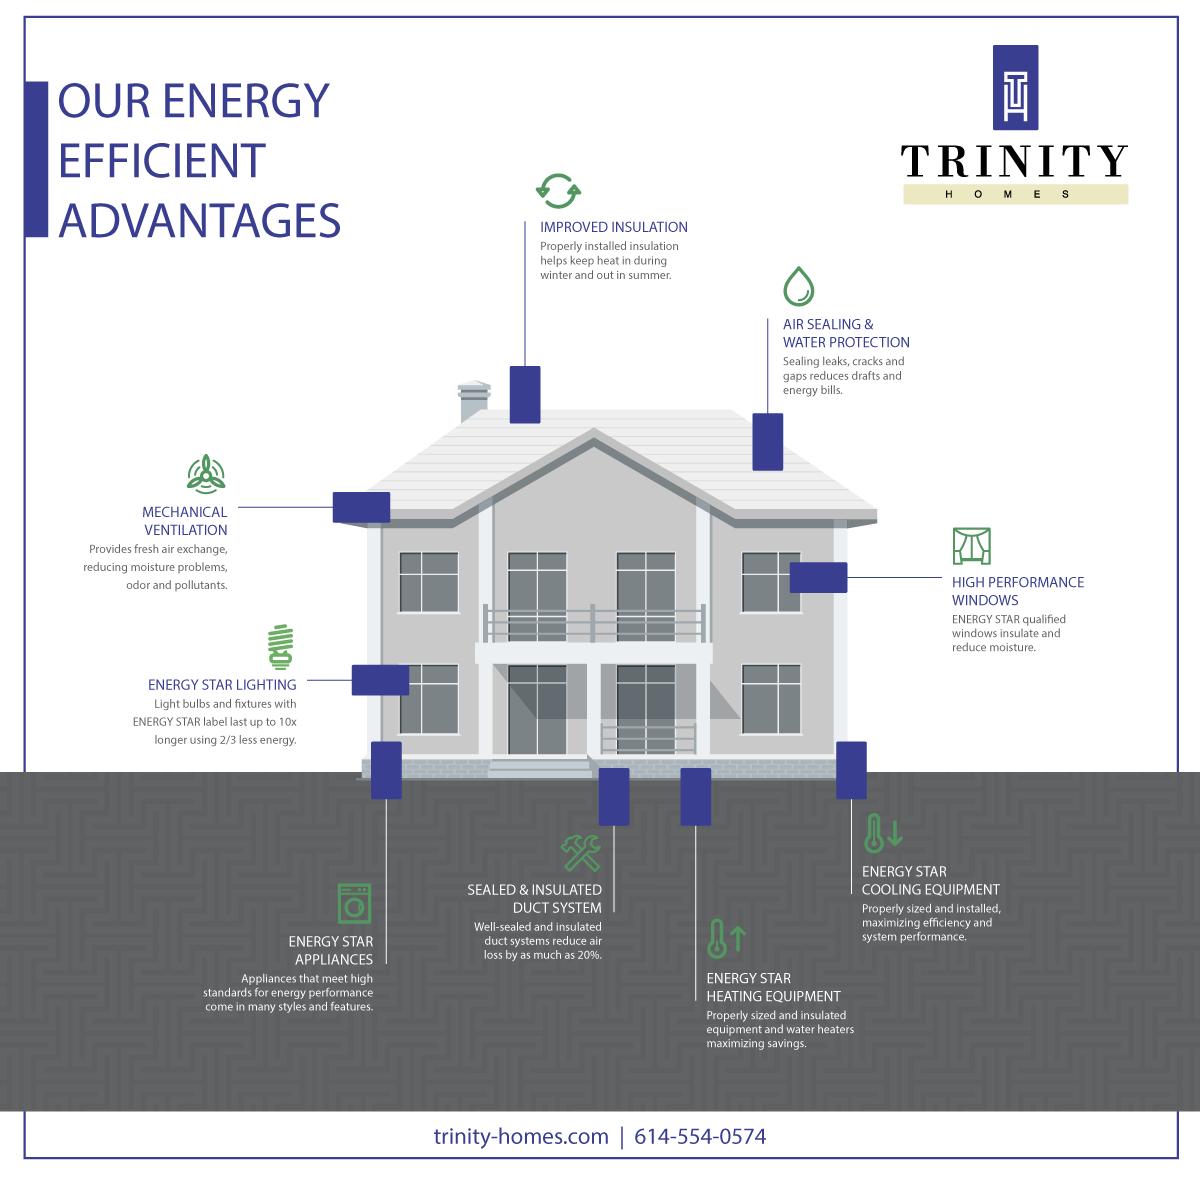 Our Energy Efficient Advantages Energy Efficiency Mechanical